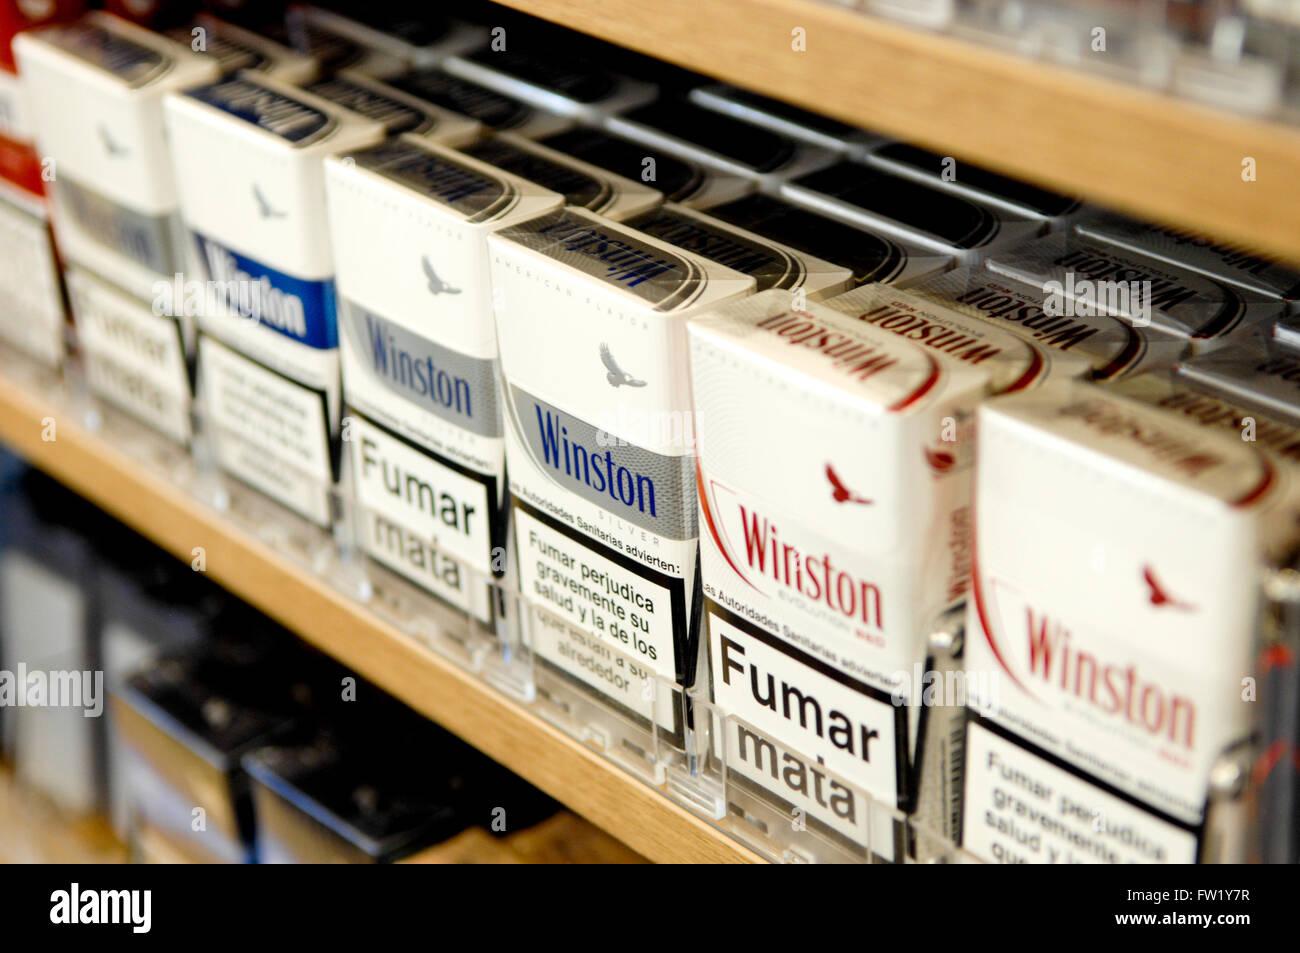 Cheap cigarettes Regal shop wigan